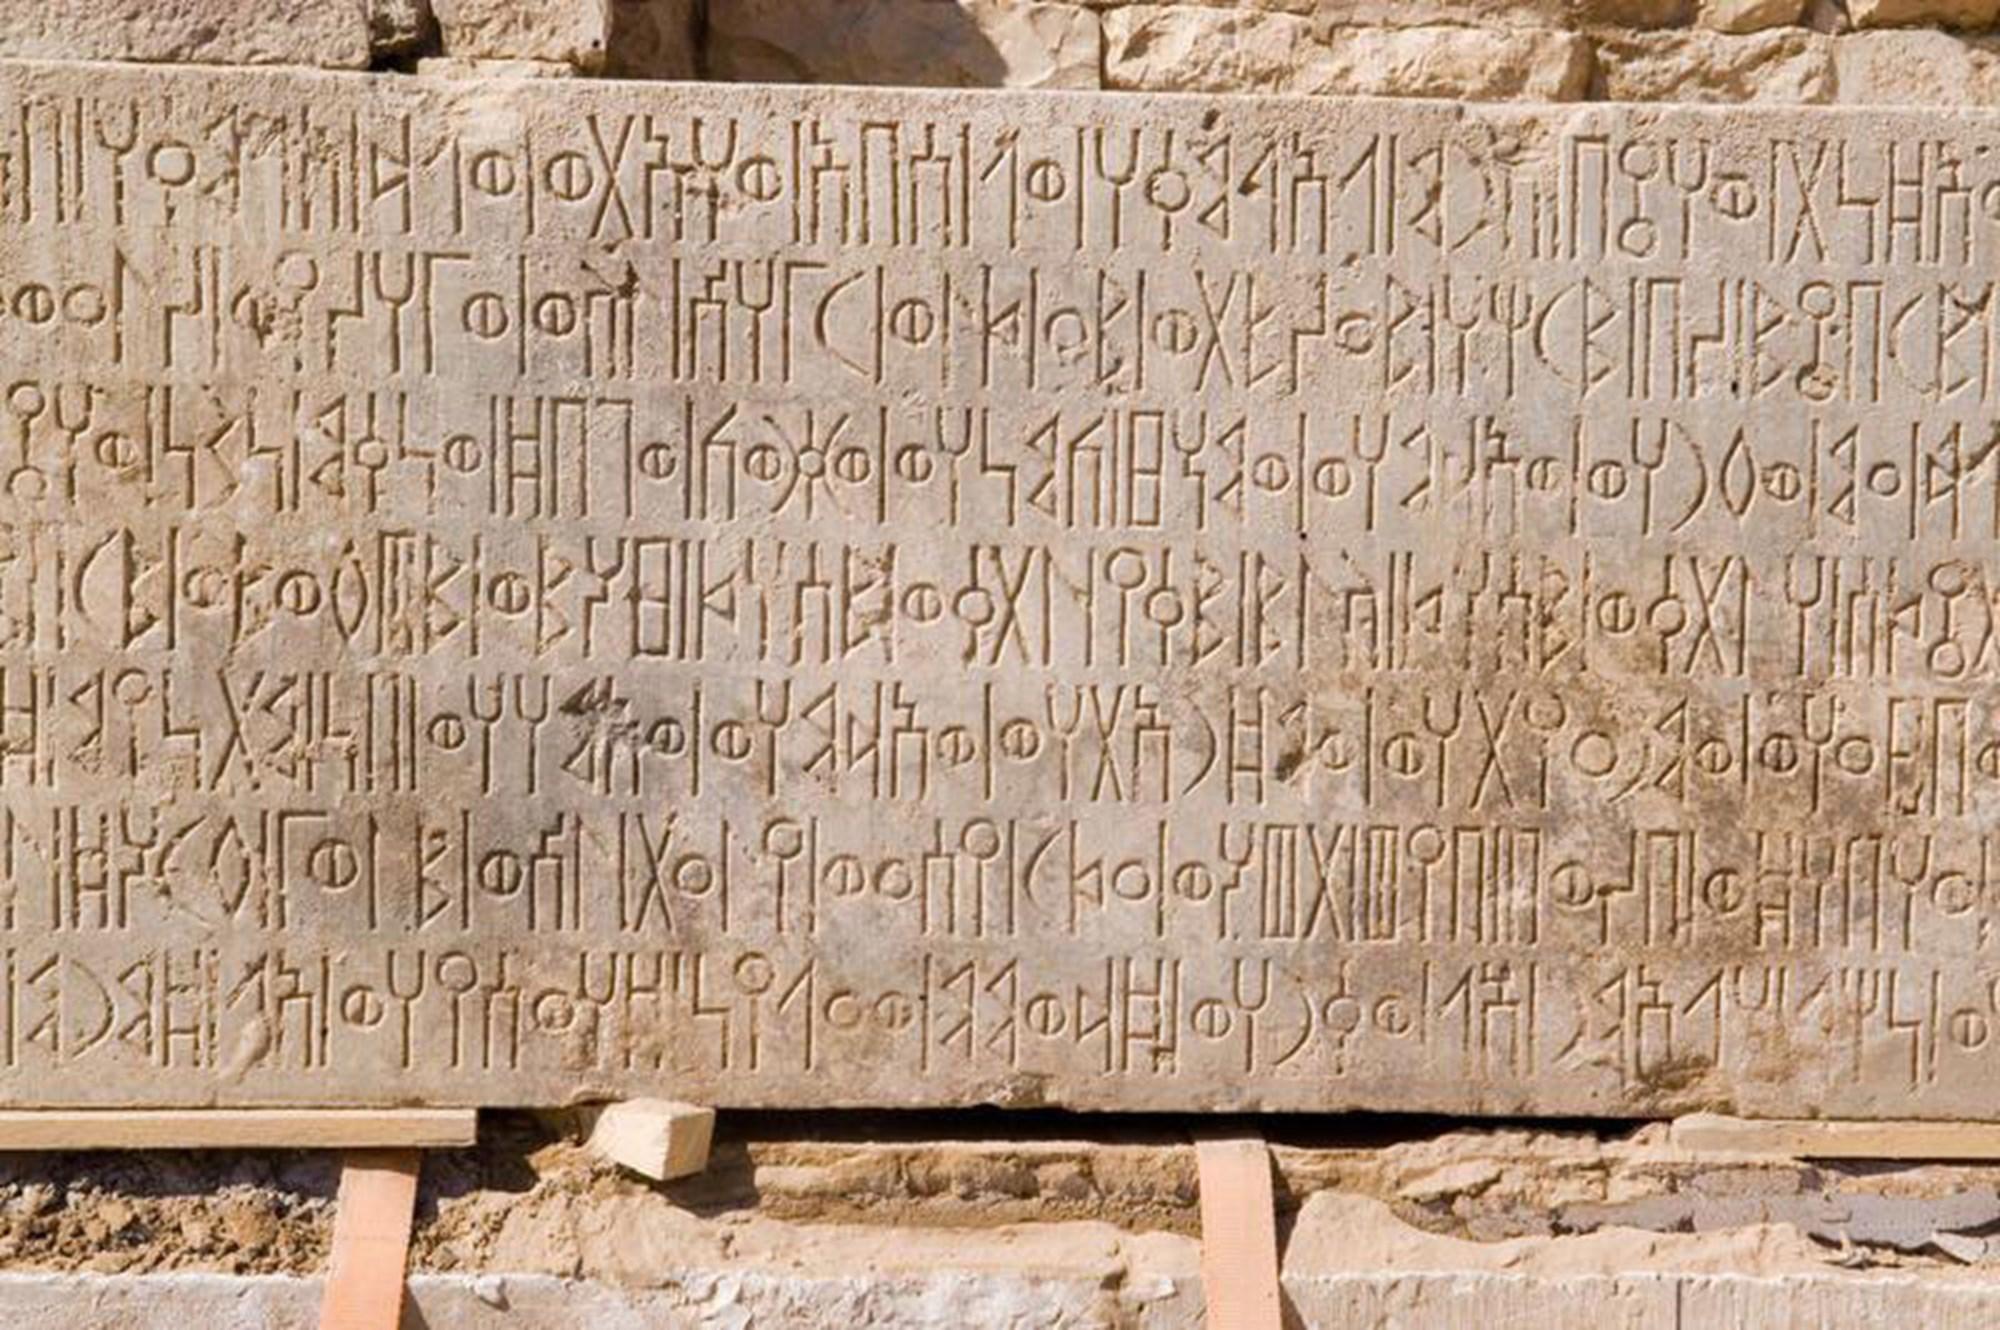 Sprache der Königin von Saba wird digitalisiert